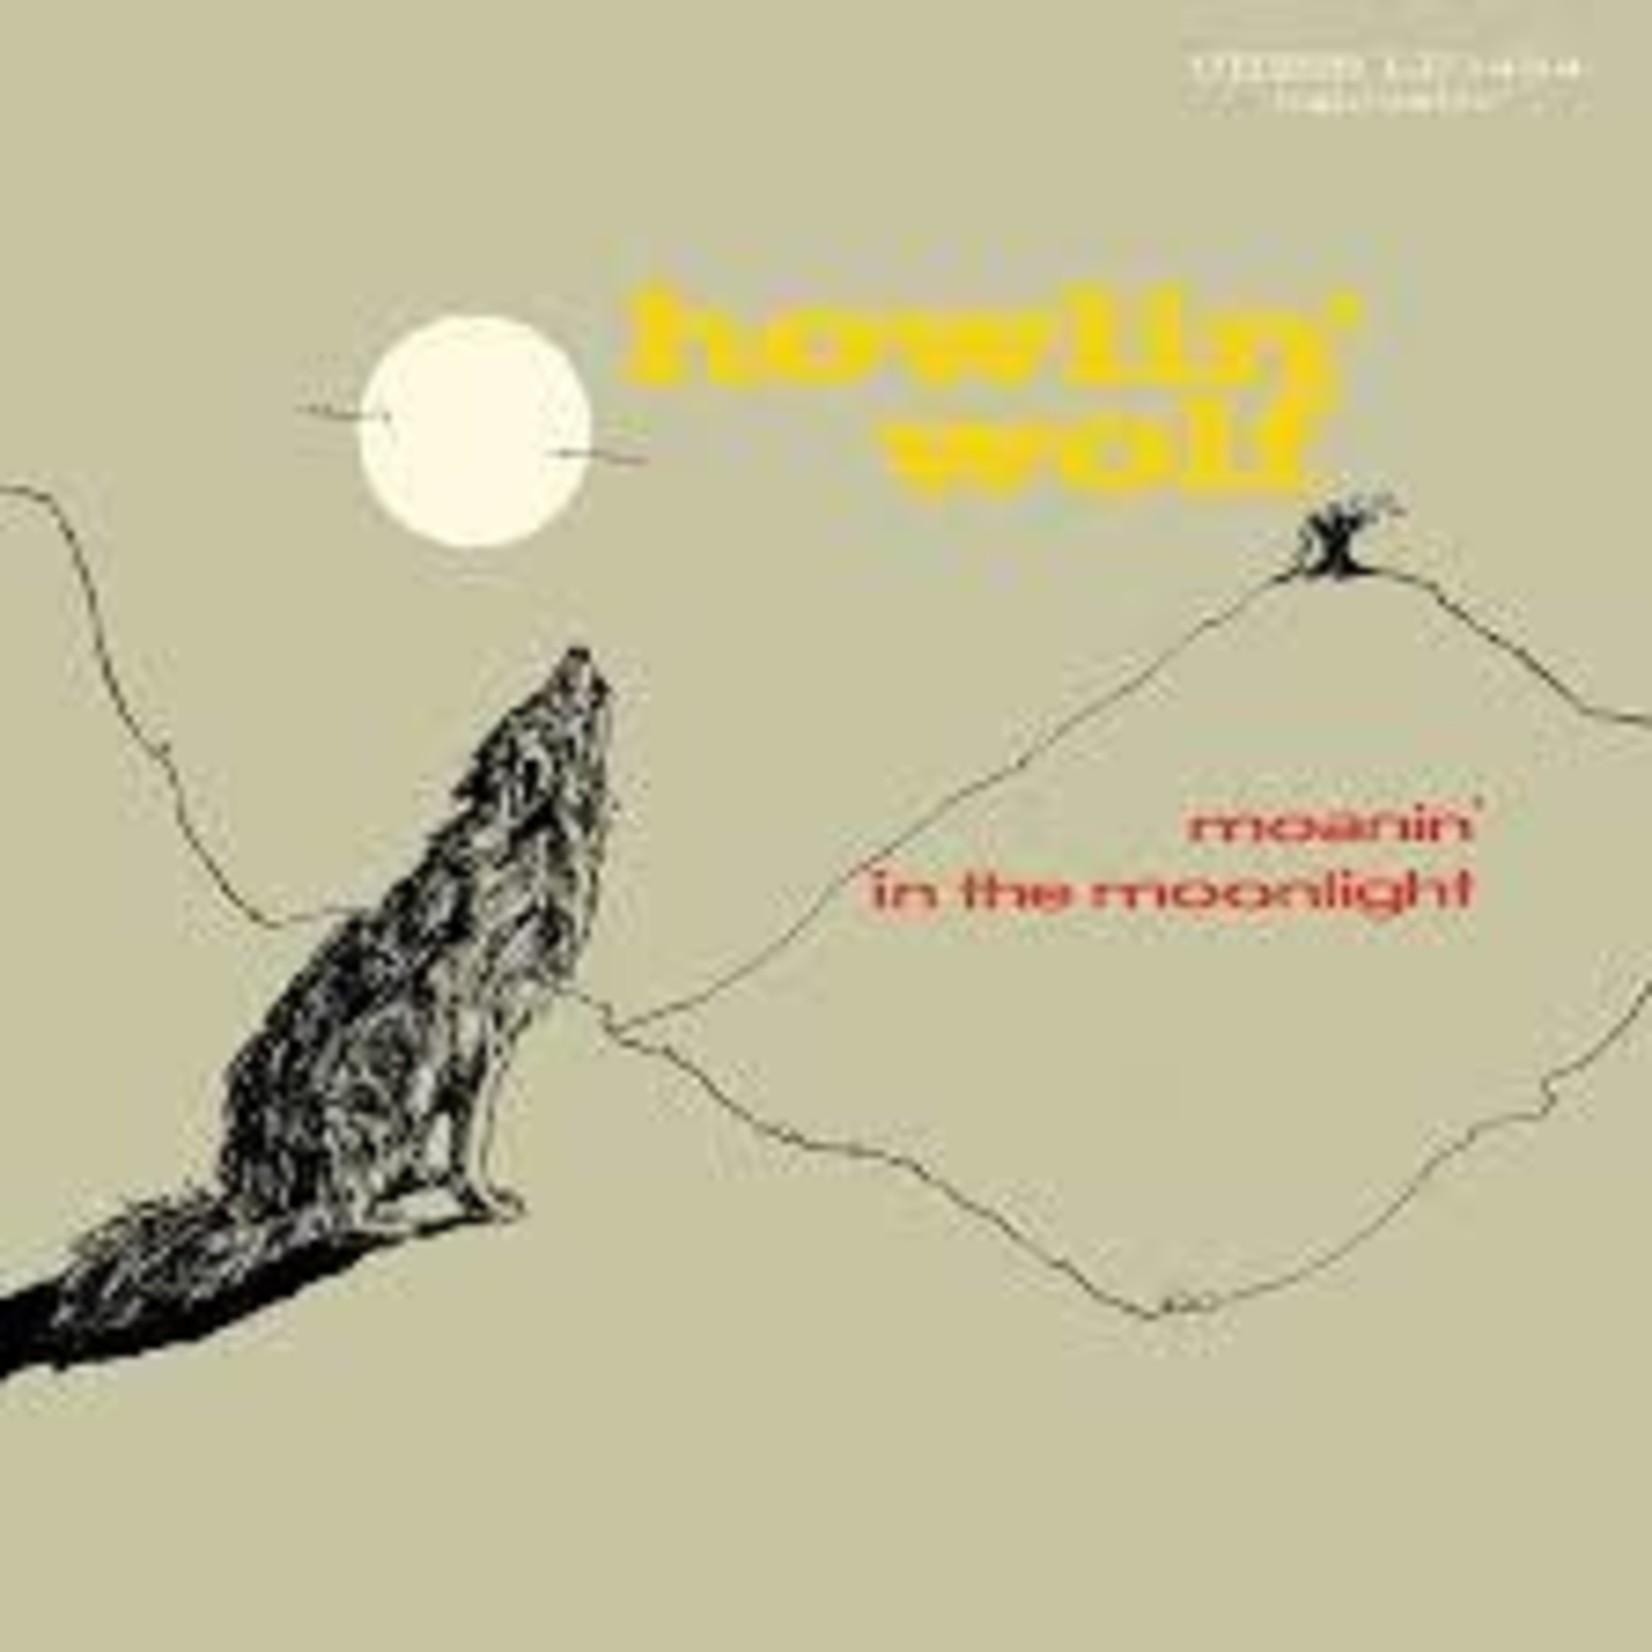 Vinyl Howlin' Wolf - Moanin' in the Moonlight